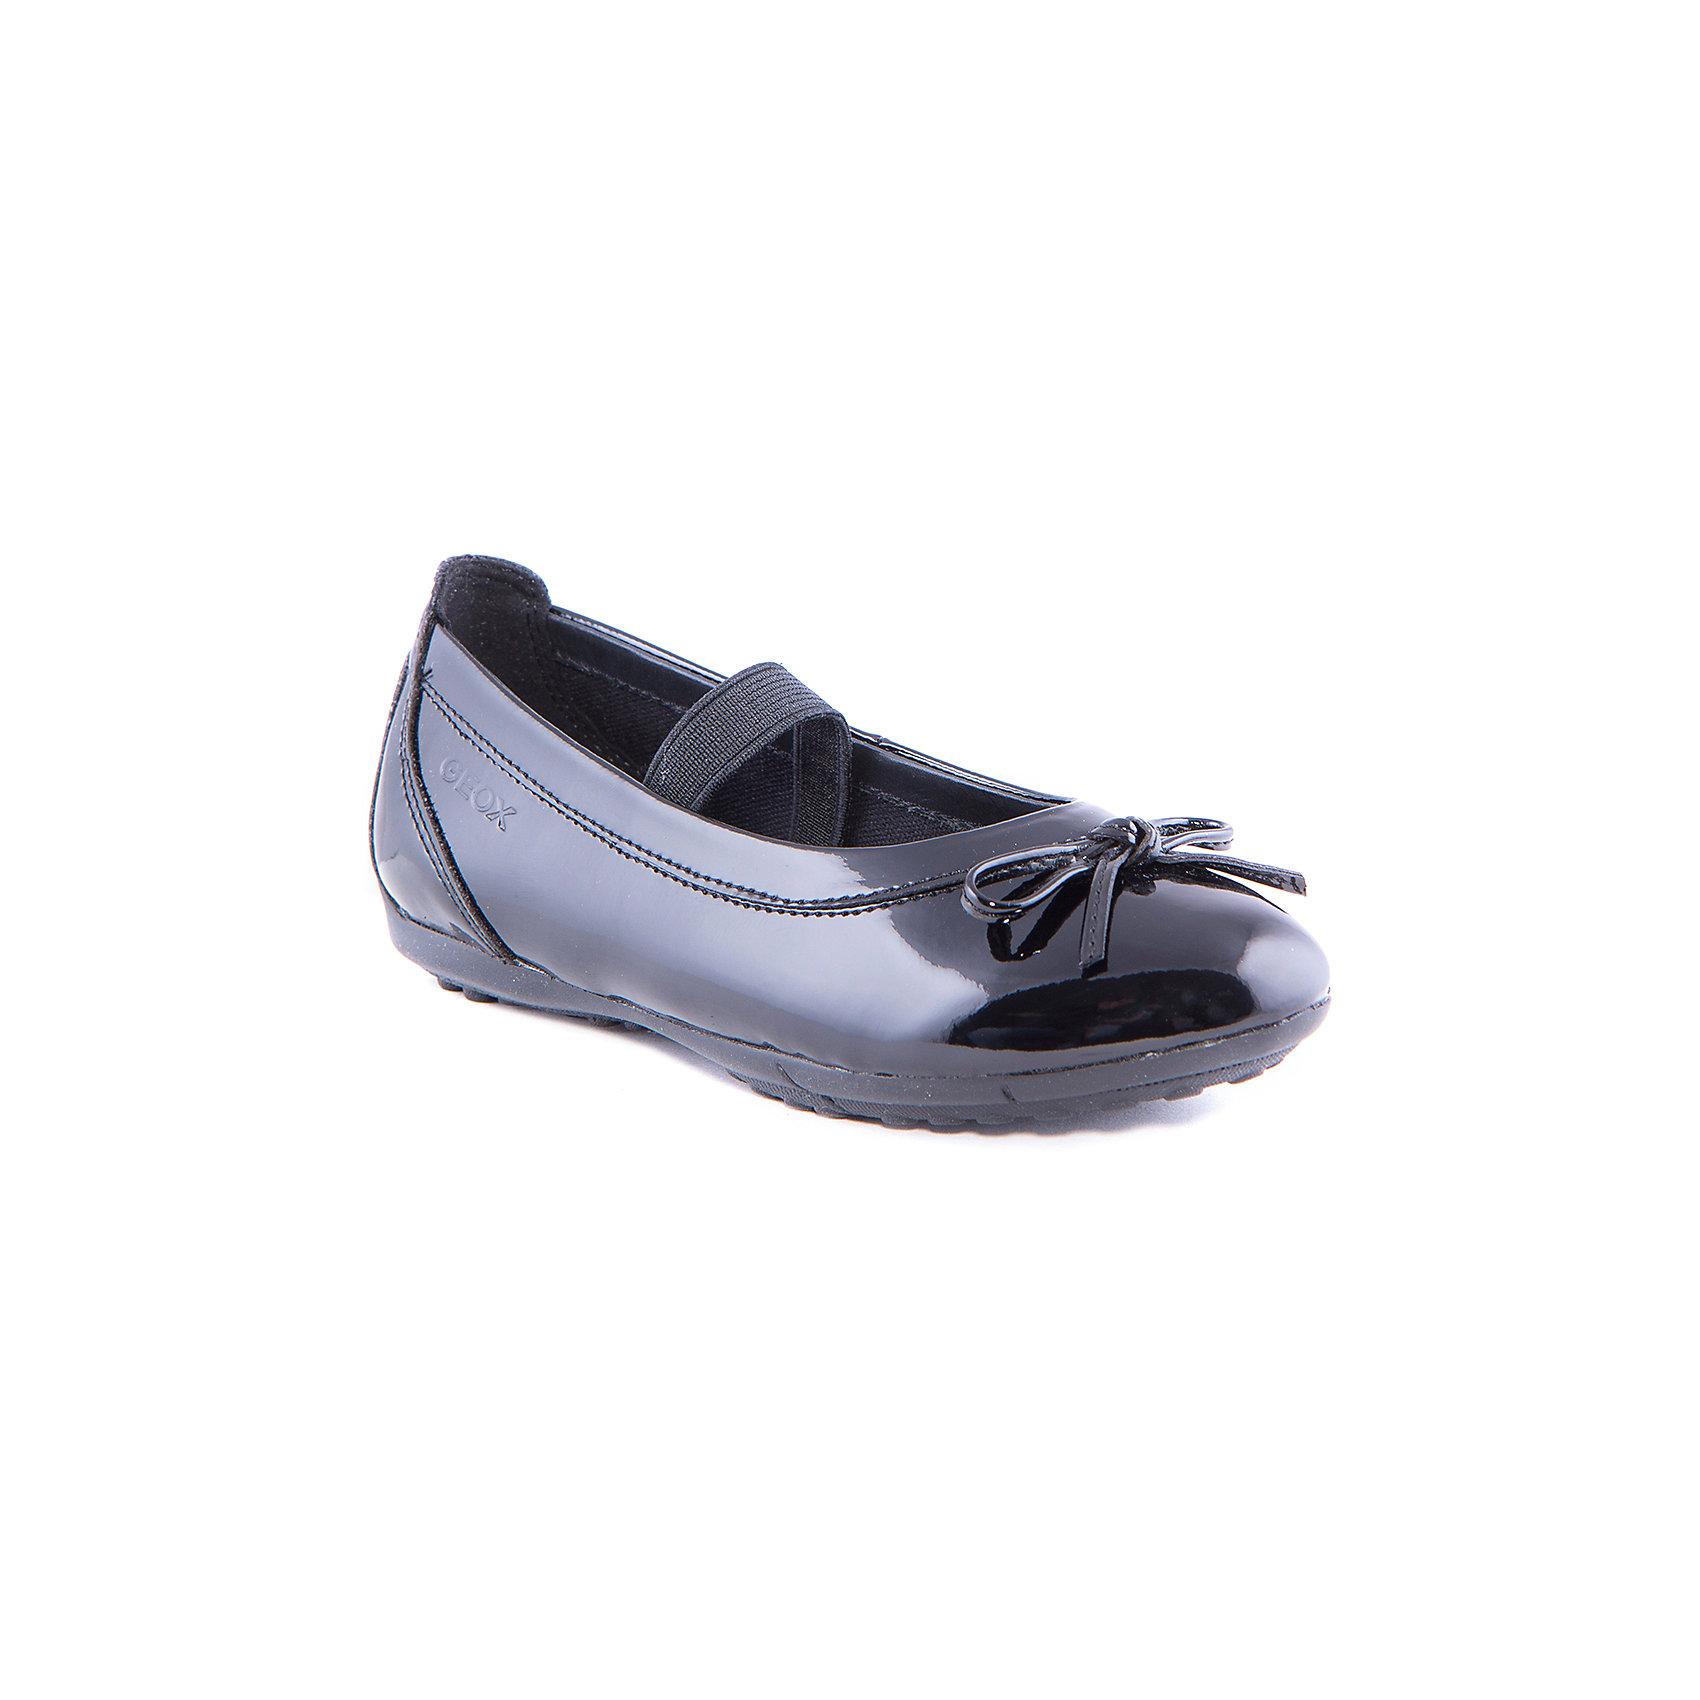 Туфли для девочки GEOXСтильные лакированные туфли от известного бренда GEOX займут достойное место в гардеробе юной модницы. Модель черного цвета прекрасно подходит как для праздника, так и для повседневной носки. Туфли застегиваются на липучку, декорирована отстрочкой. <br><br>Дополнительная информация:<br><br>- Температурный режим: от 15?до 25?.<br>- Тип застежки: липучка. <br>- Цвет: черный (лак).<br>- Декоративные элементы: отстрочка.<br><br>Состав:<br>- Верх: искусственная кожа, текстиль.<br>- Подкладка: натуральная кожа, текстиль.<br>- Подошва: полимерные материалы.<br>- Стелька: натуральная кожа.<br><br>Туфли для девочки, GEOX (Геокс), можно купить в нашем магазине.<br><br>Ширина мм: 227<br>Глубина мм: 145<br>Высота мм: 124<br>Вес г: 325<br>Цвет: черный<br>Возраст от месяцев: 144<br>Возраст до месяцев: 156<br>Пол: Женский<br>Возраст: Детский<br>Размер: 36,31,35,37,32,29,34,33,30<br>SKU: 4178175